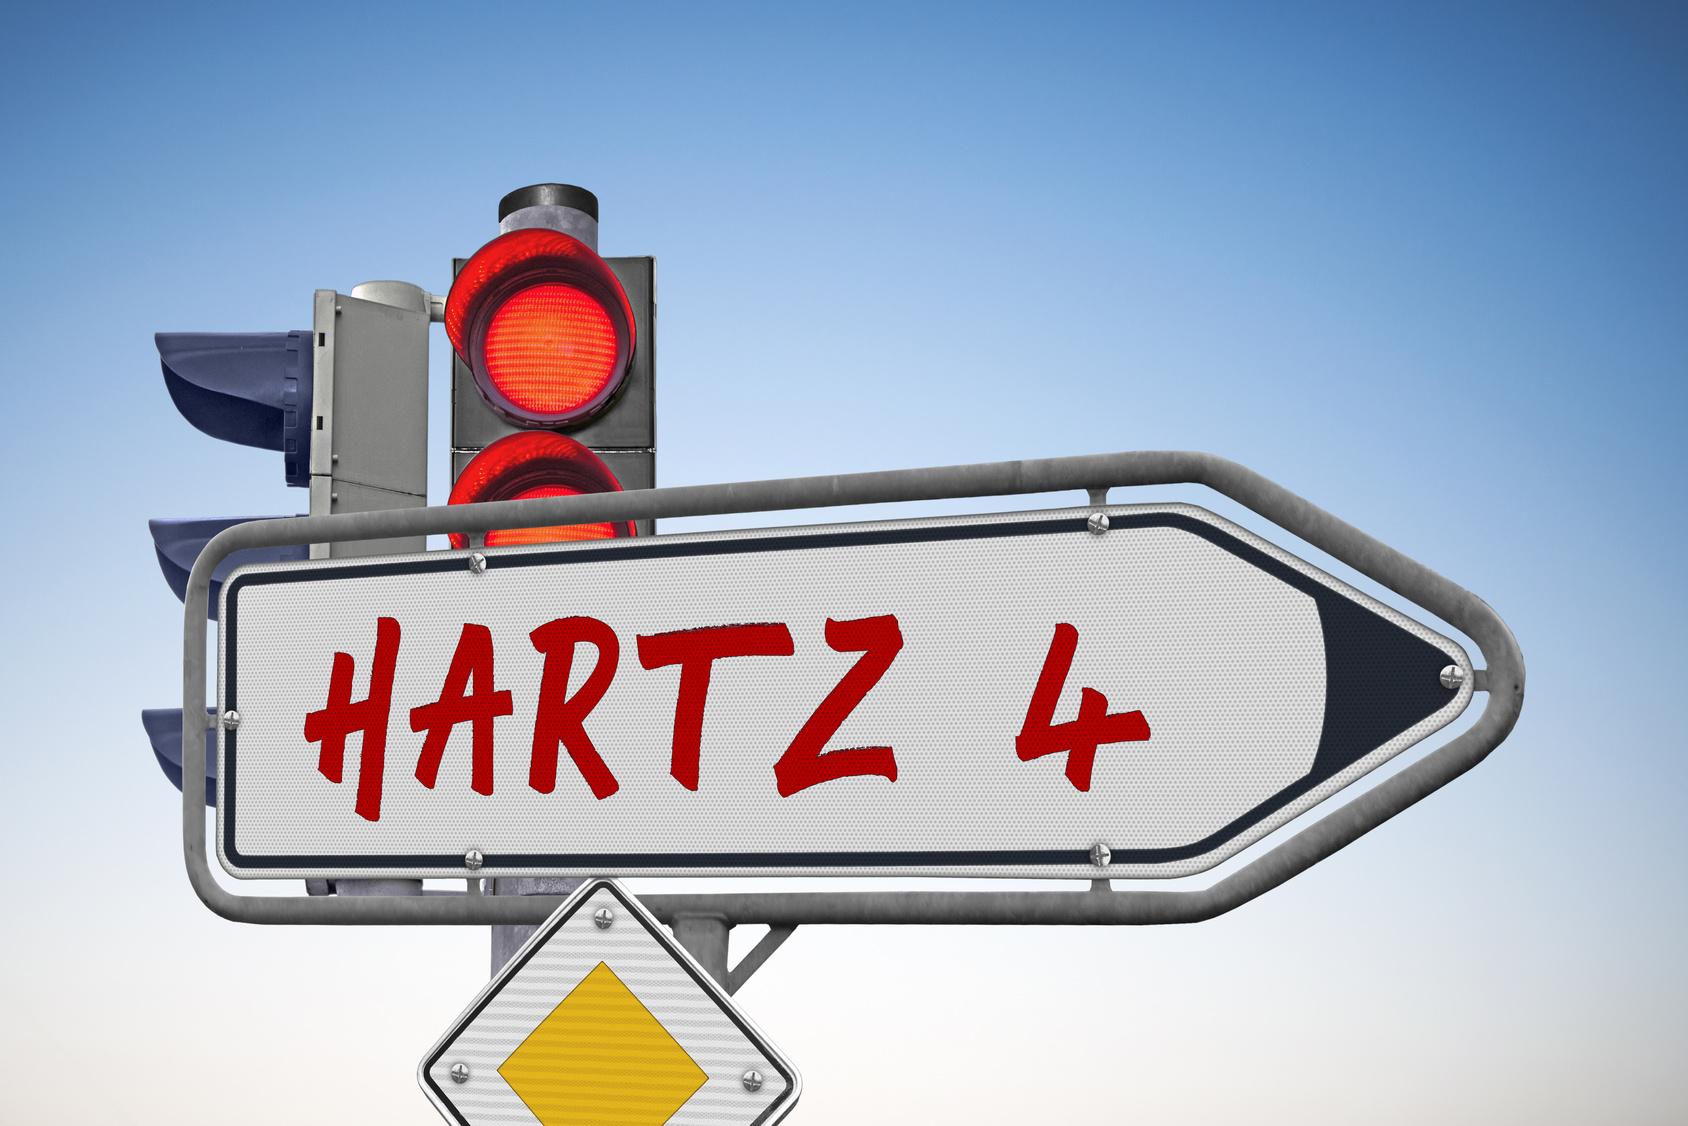 Hartz-IV-Empfänger und Flüchtlinge haben es besonders schwer